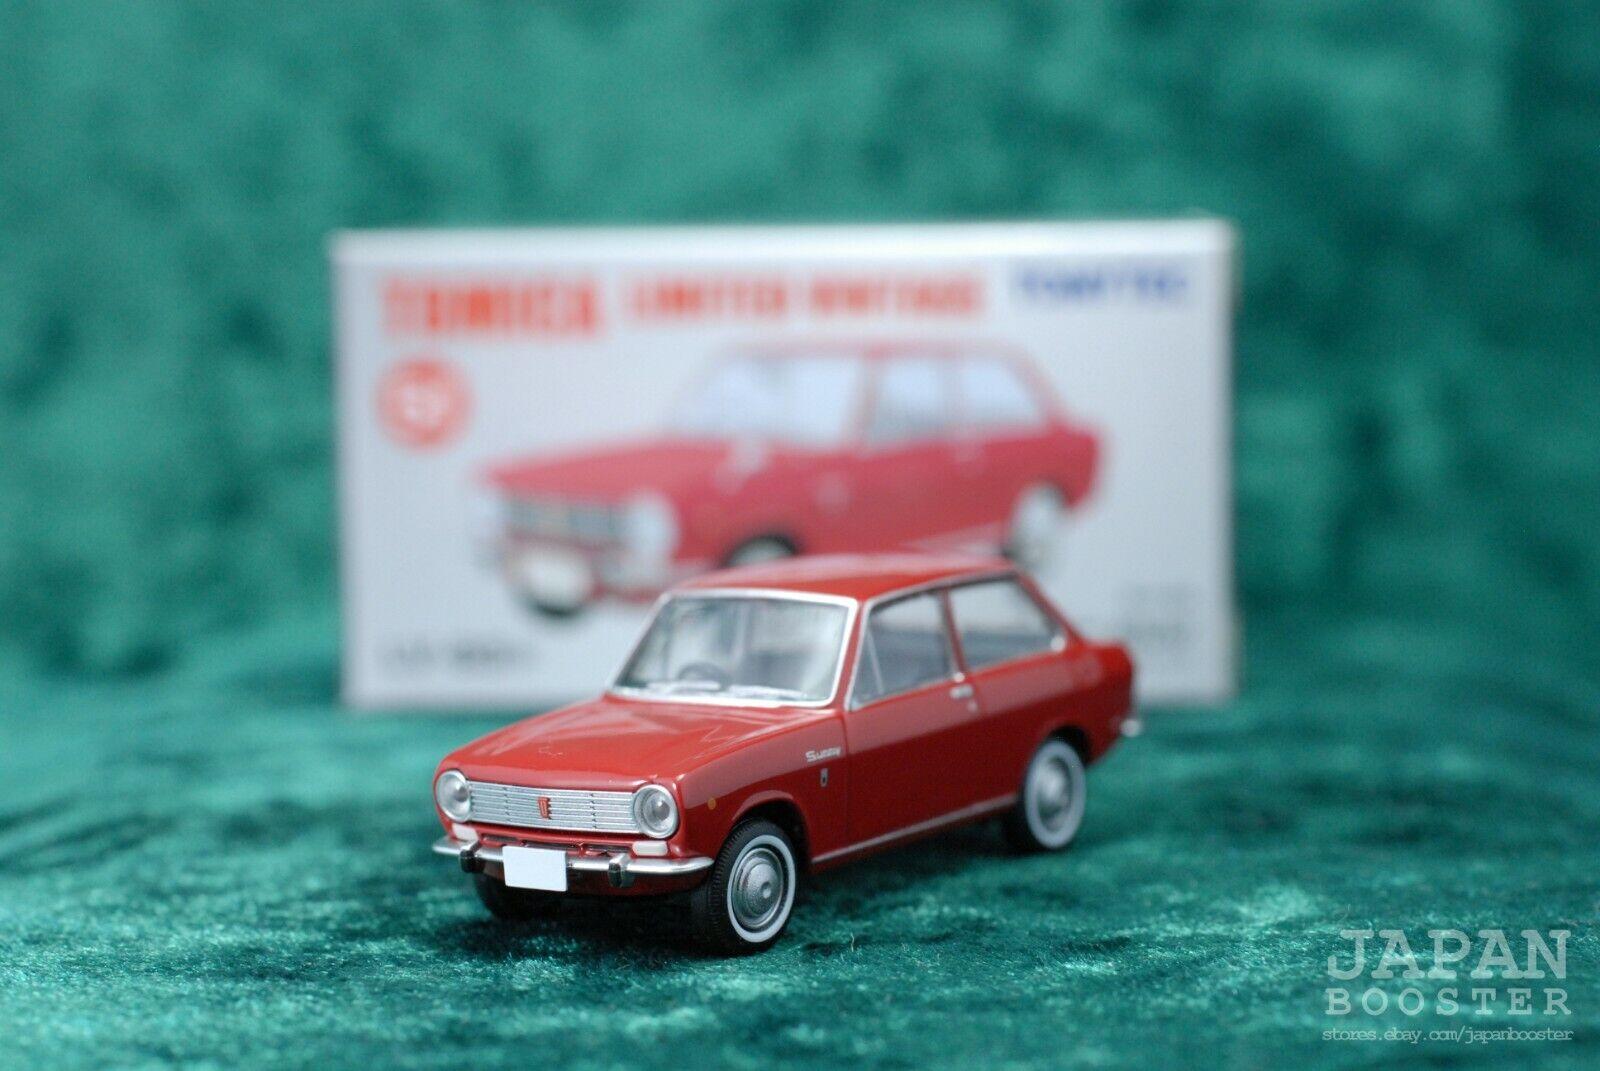 Tomica Limited Vintage Lv 83 Datsun Sunny 1000 For Sale Online Ebay